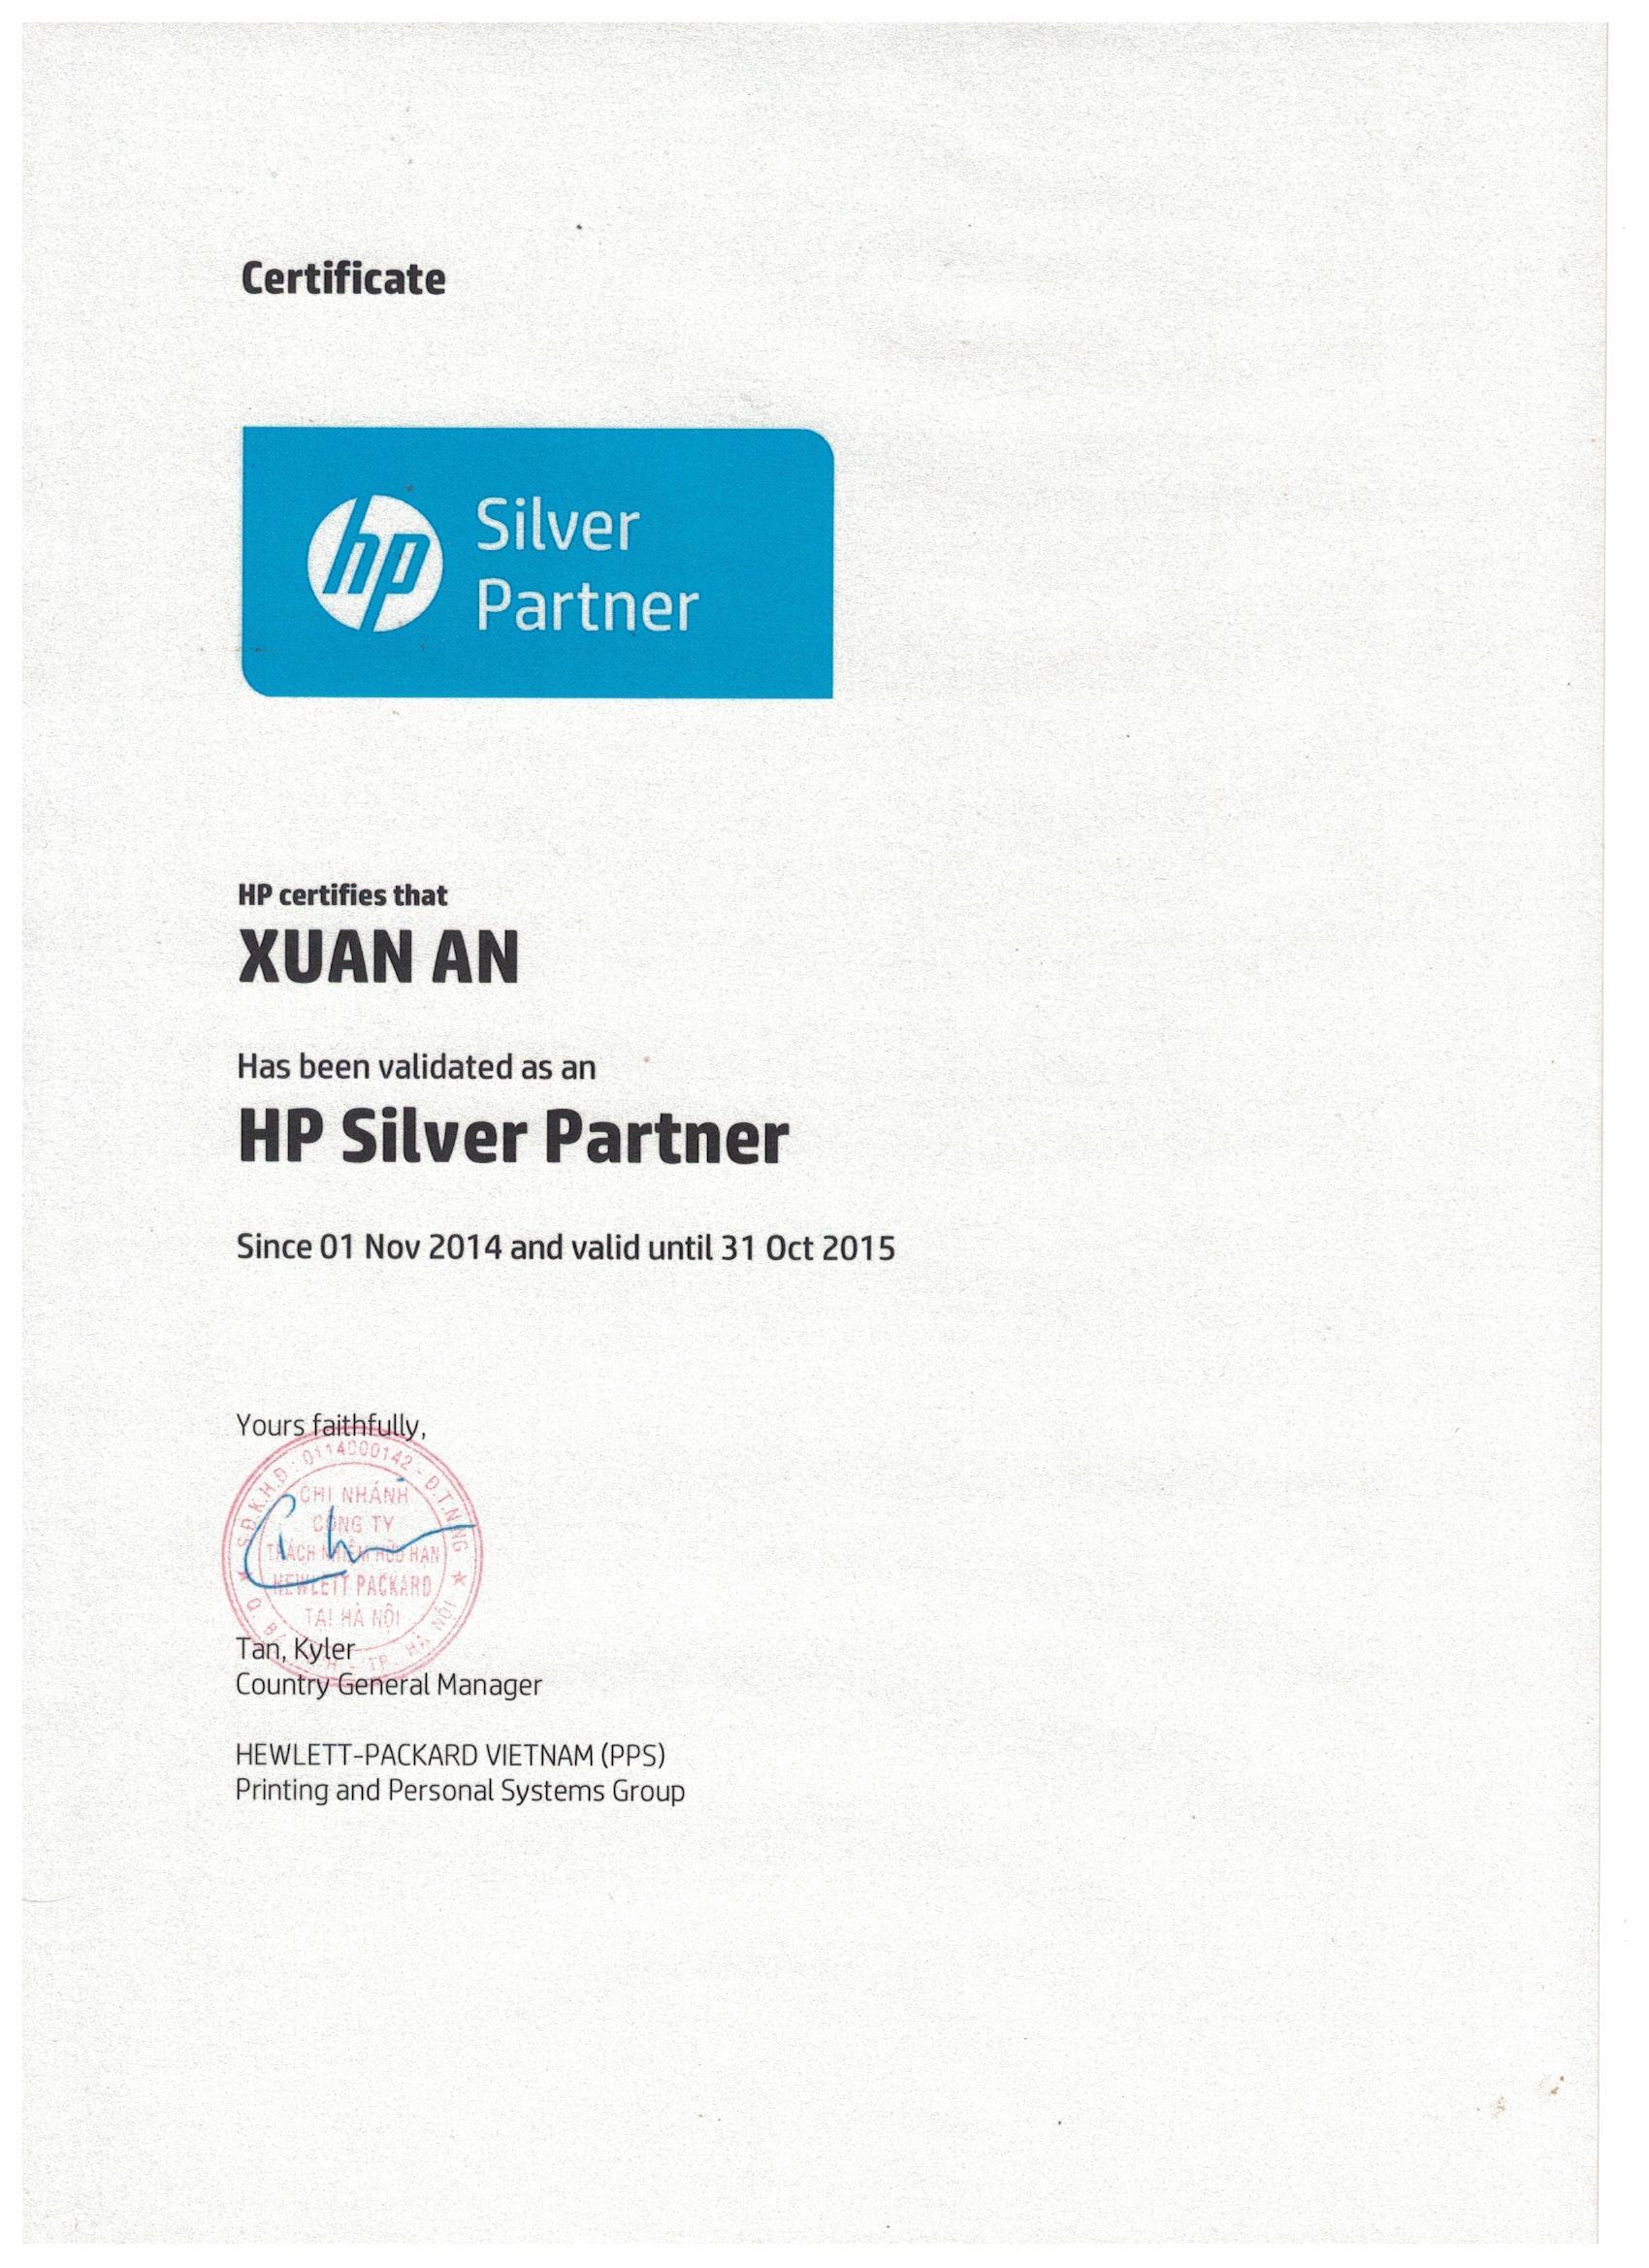 HP Probook 450 G6 - 8GV30PA (Silver)